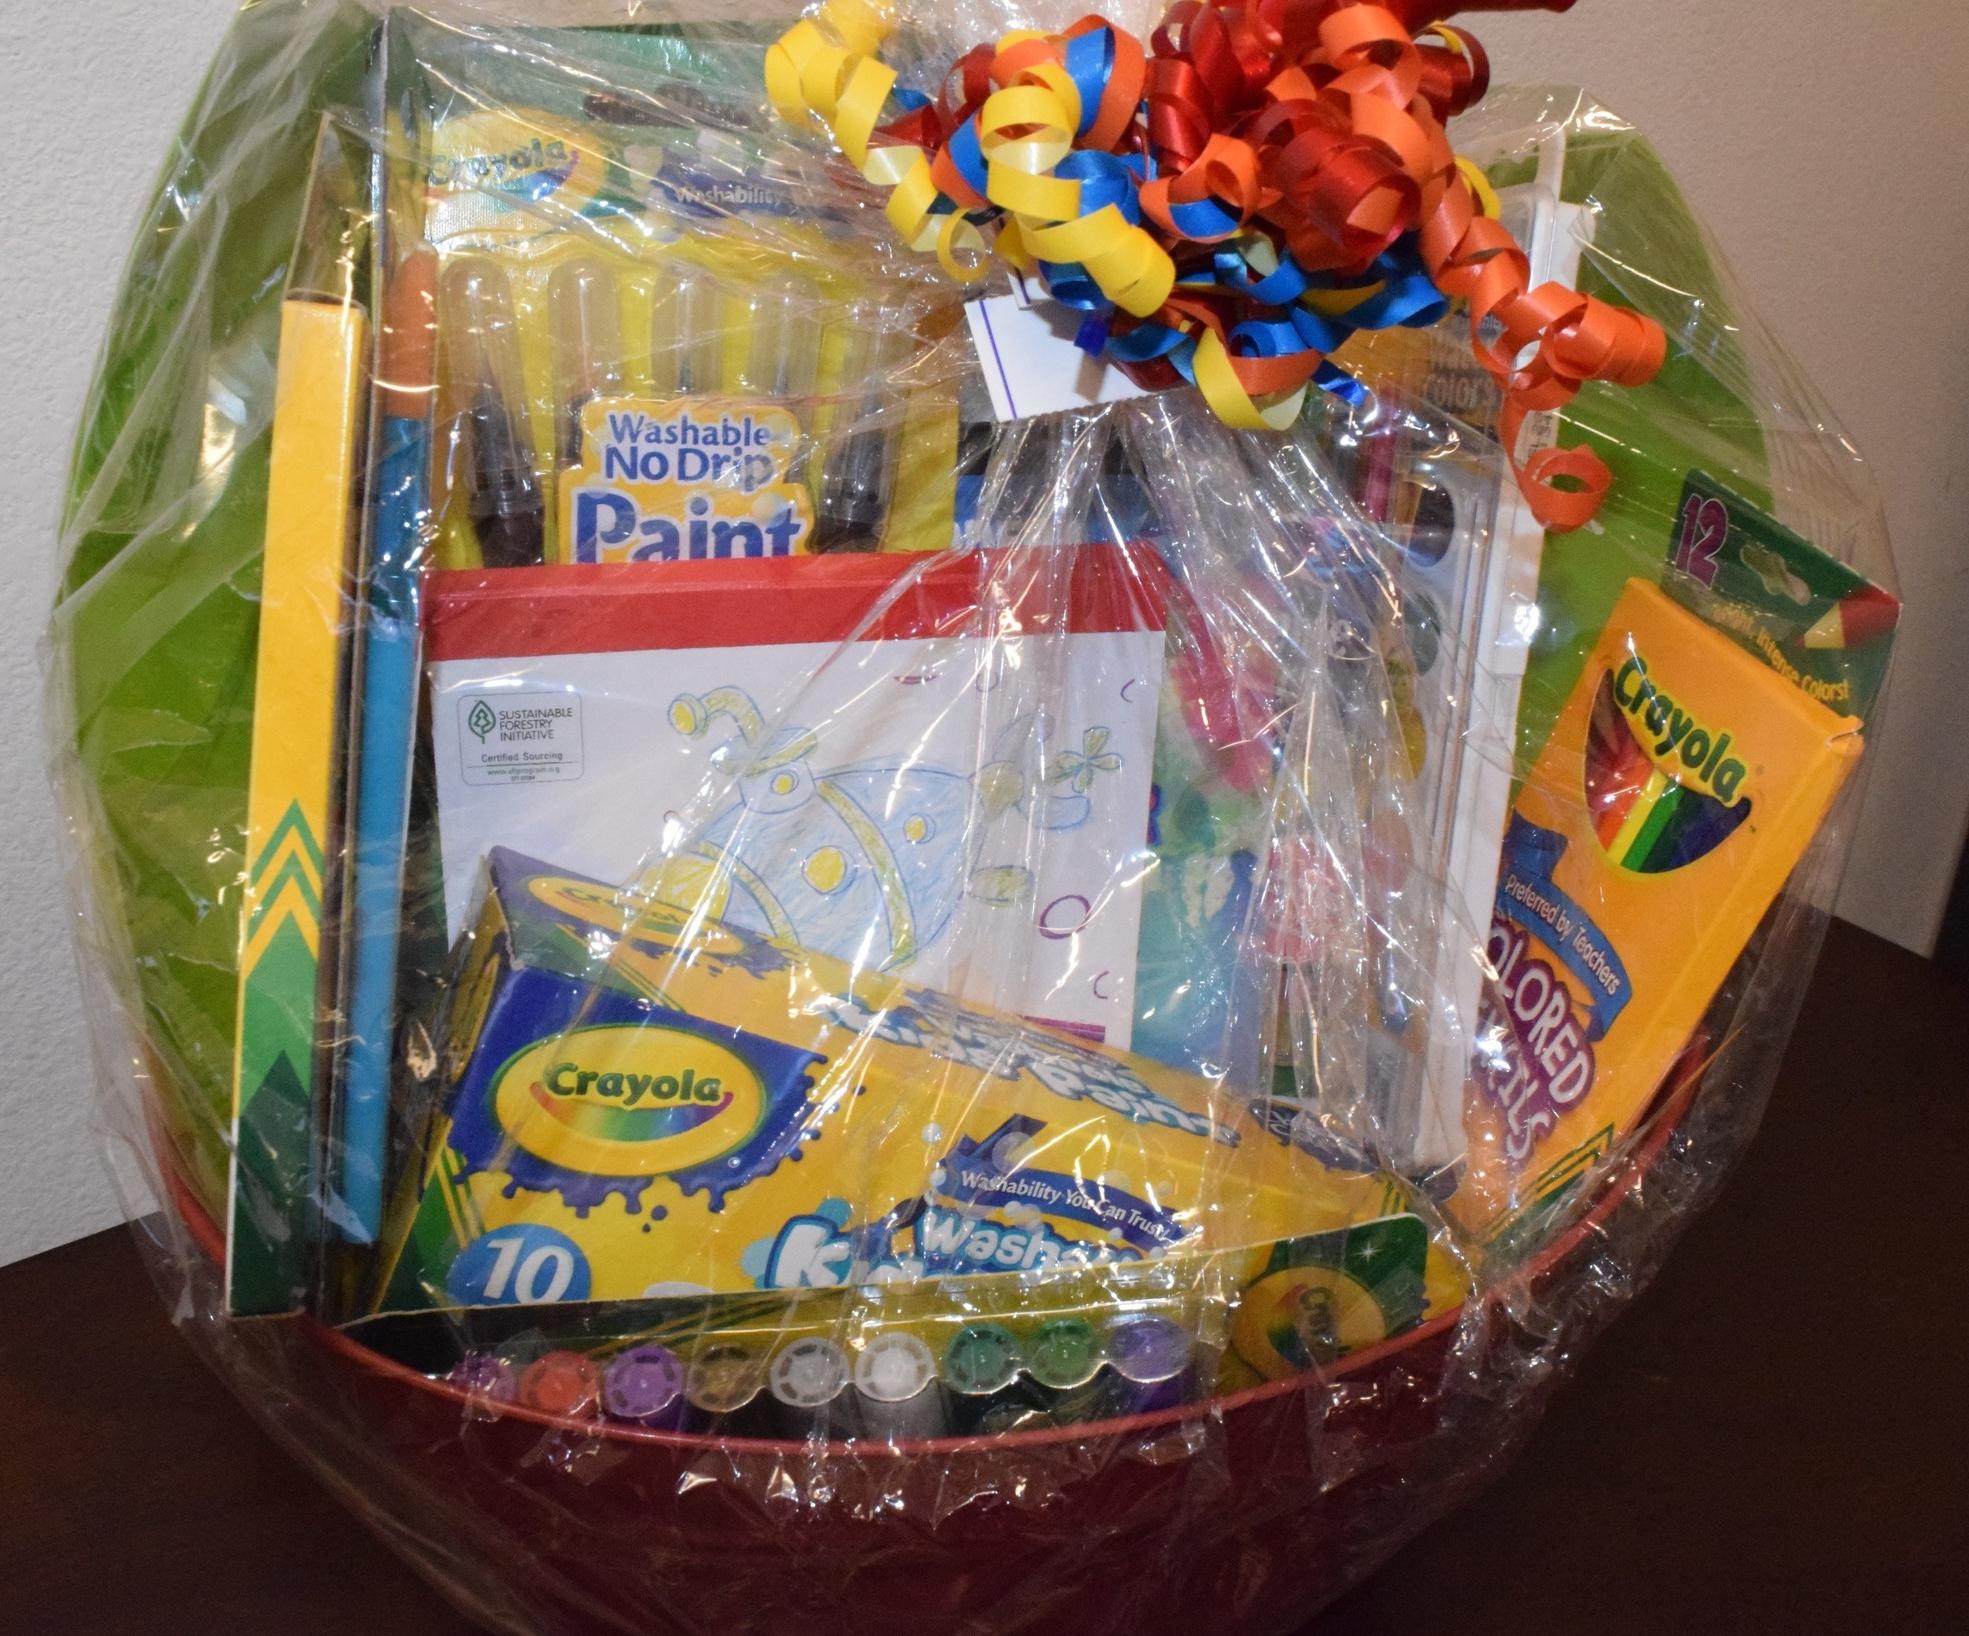 3. Crayola Child Art Basket